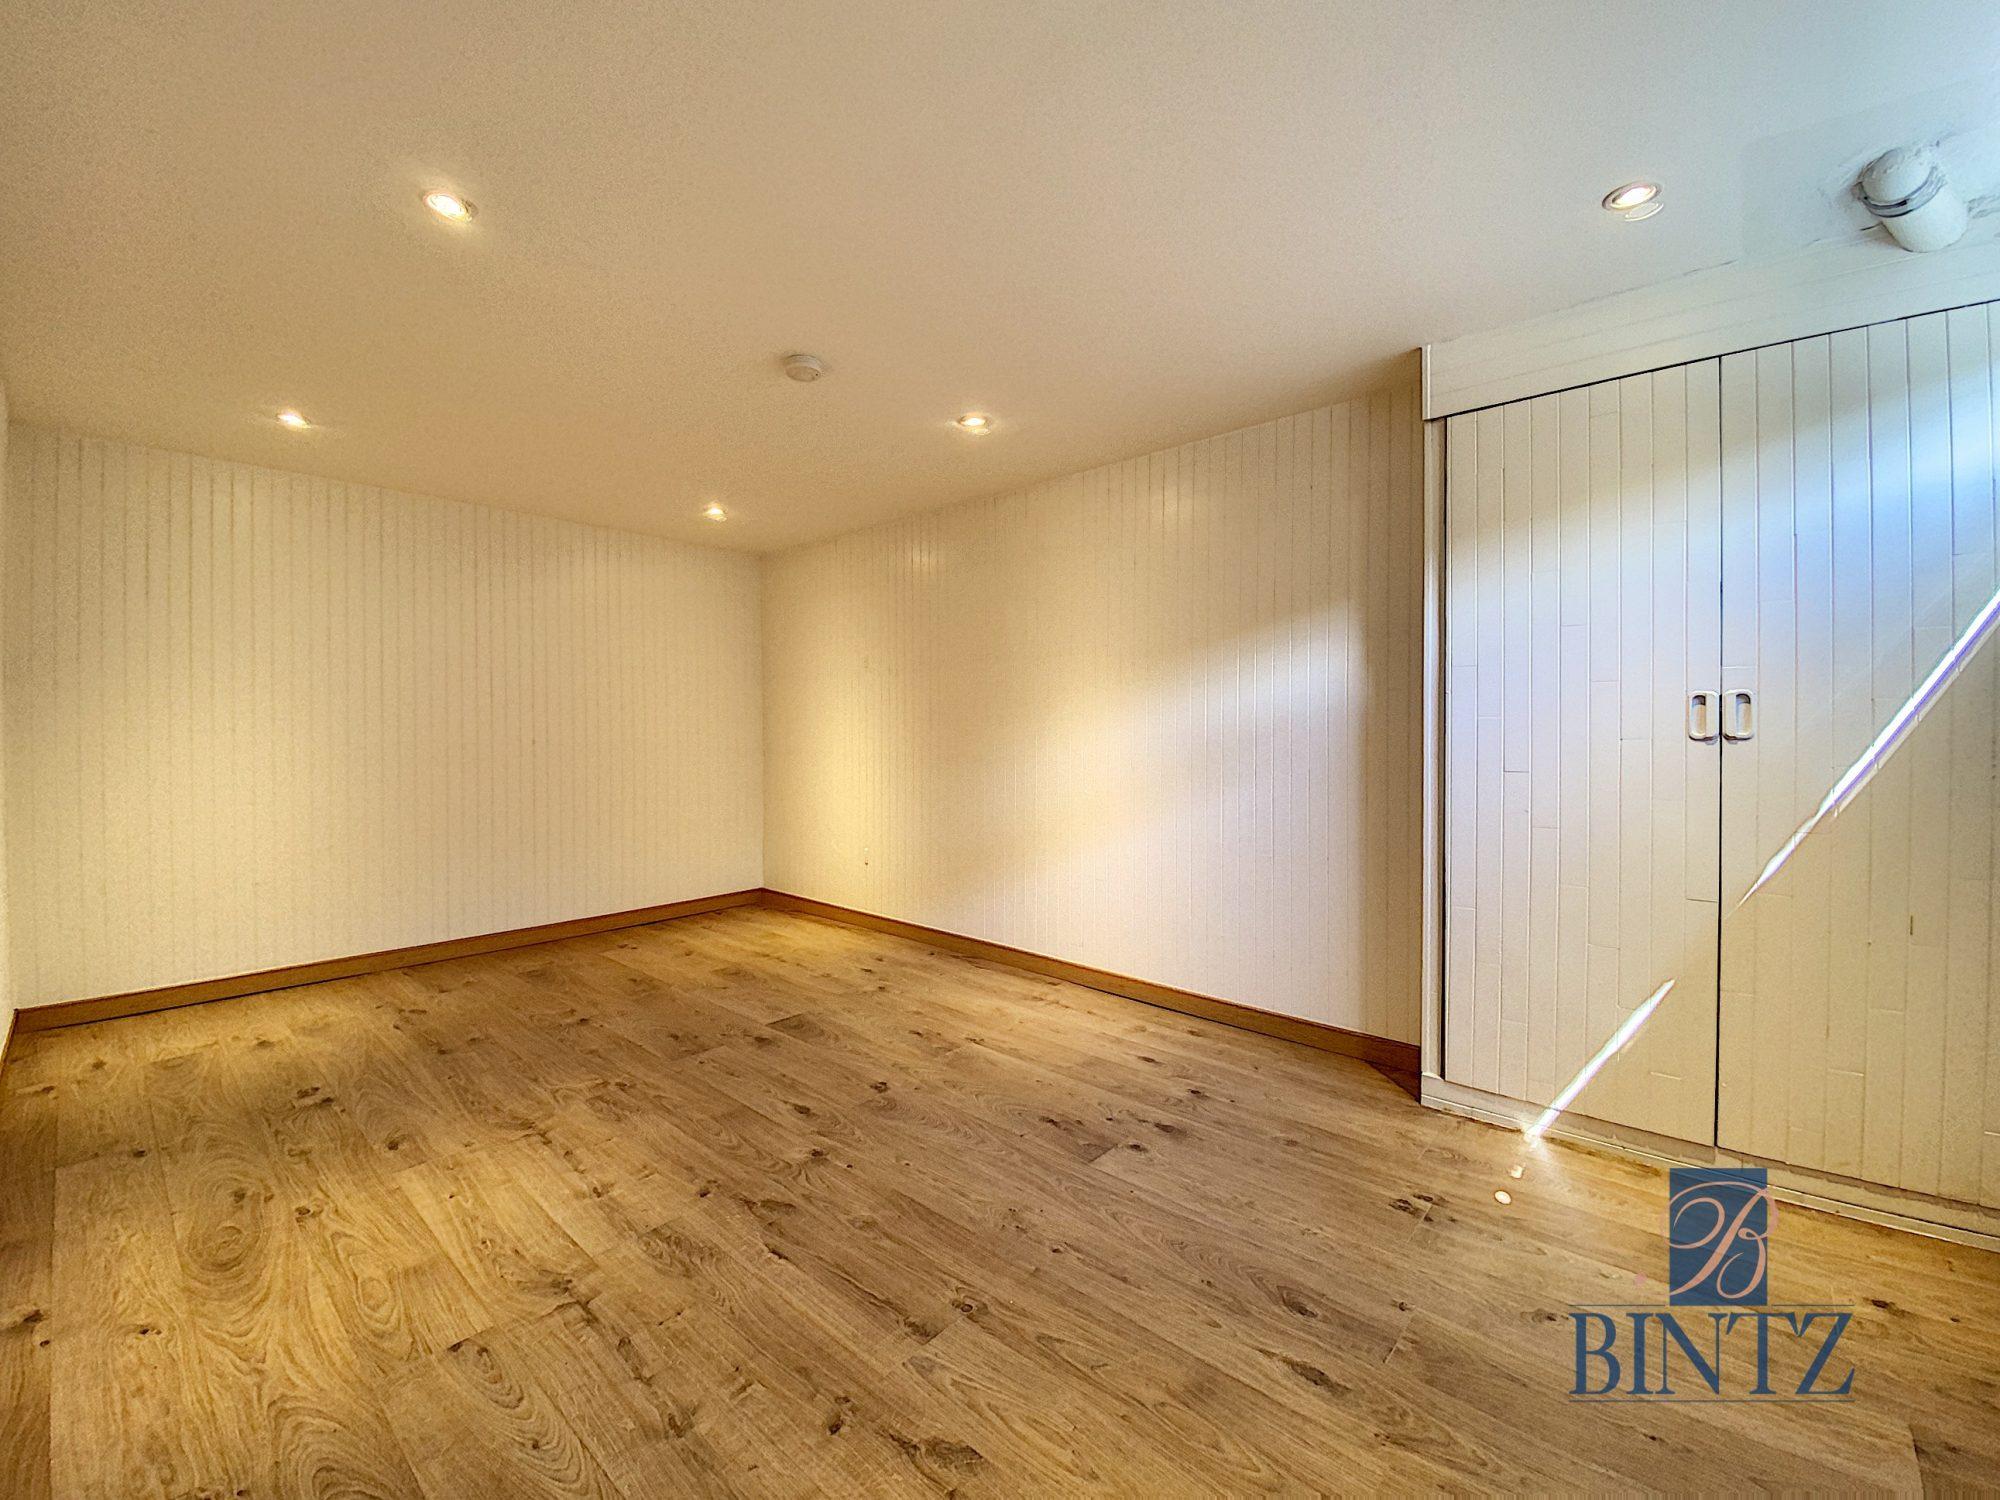 MAISON A LOUER ROBERTSAU - Devenez locataire en toute sérénité - Bintz Immobilier - 13